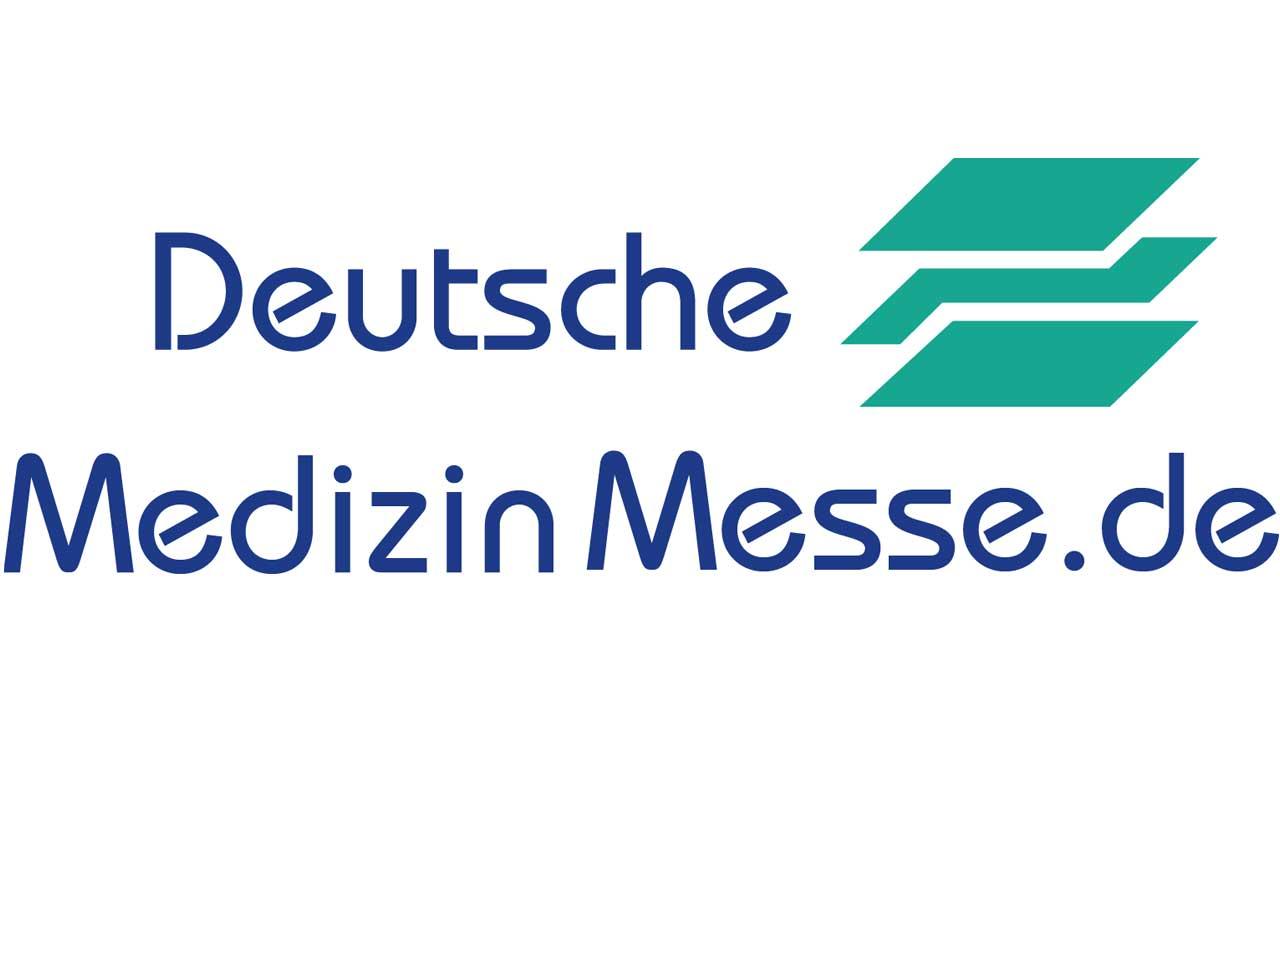 Keitzl grafik design in rodgau grafik design in frankfurt for Grafik design ausbildung frankfurt